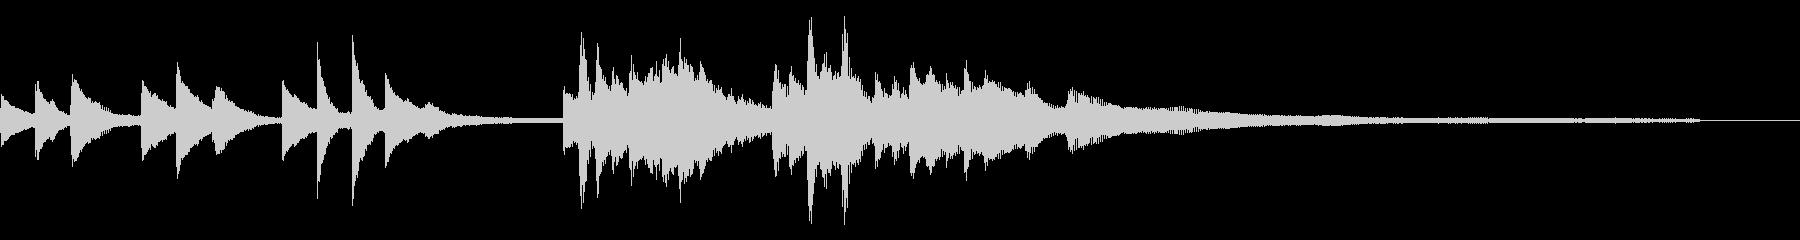 和風のジングル6-ピアノソロの未再生の波形